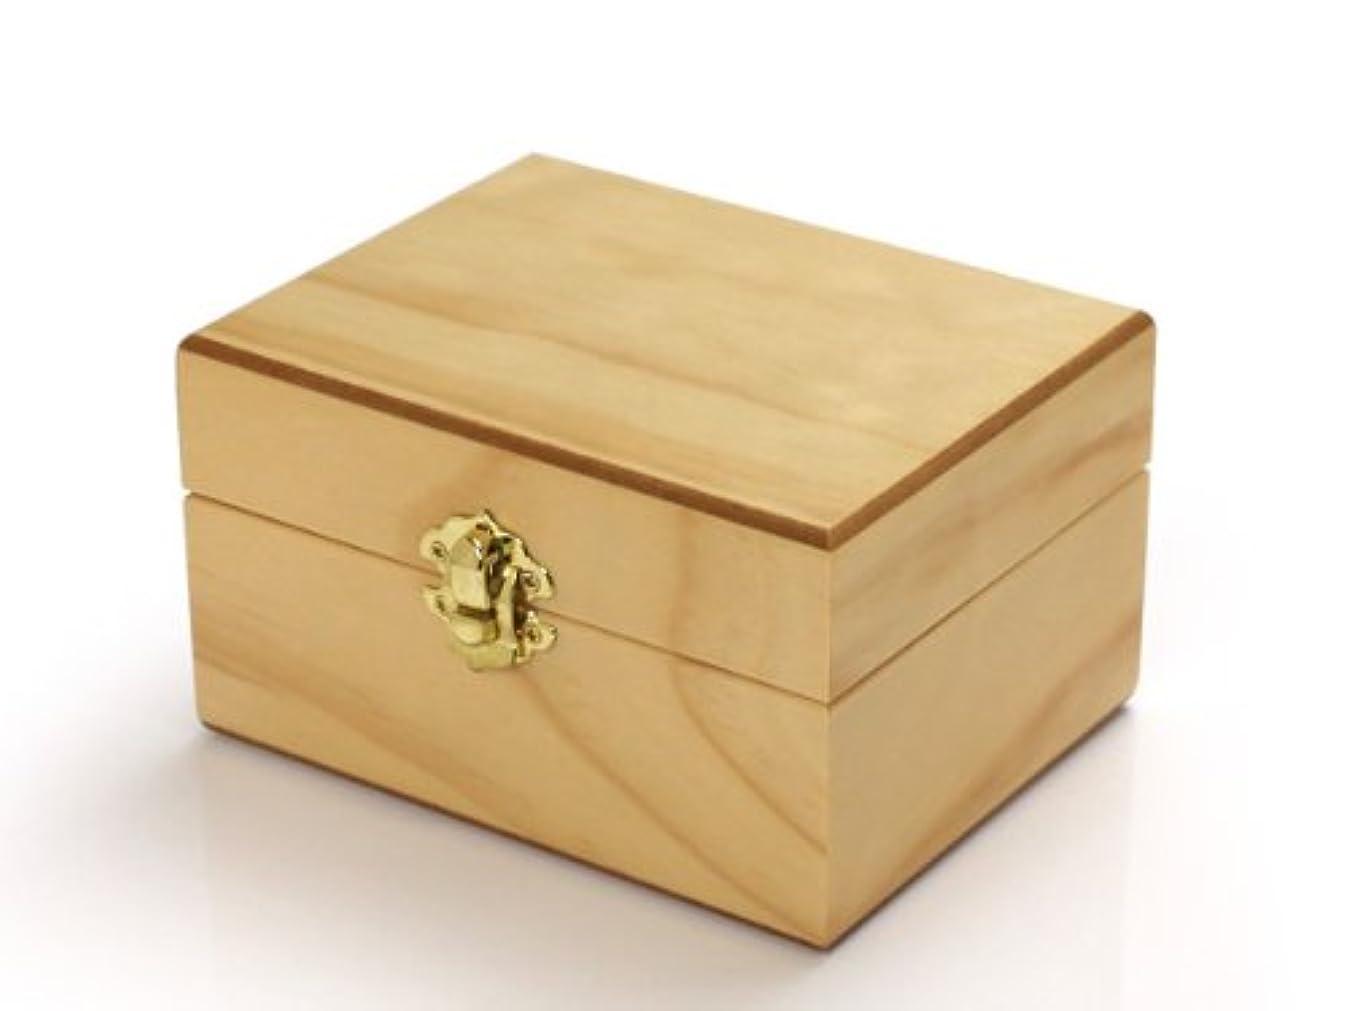 ドームチャールズキージング不公平エッセンシャルオイル収納ボックス 12本用